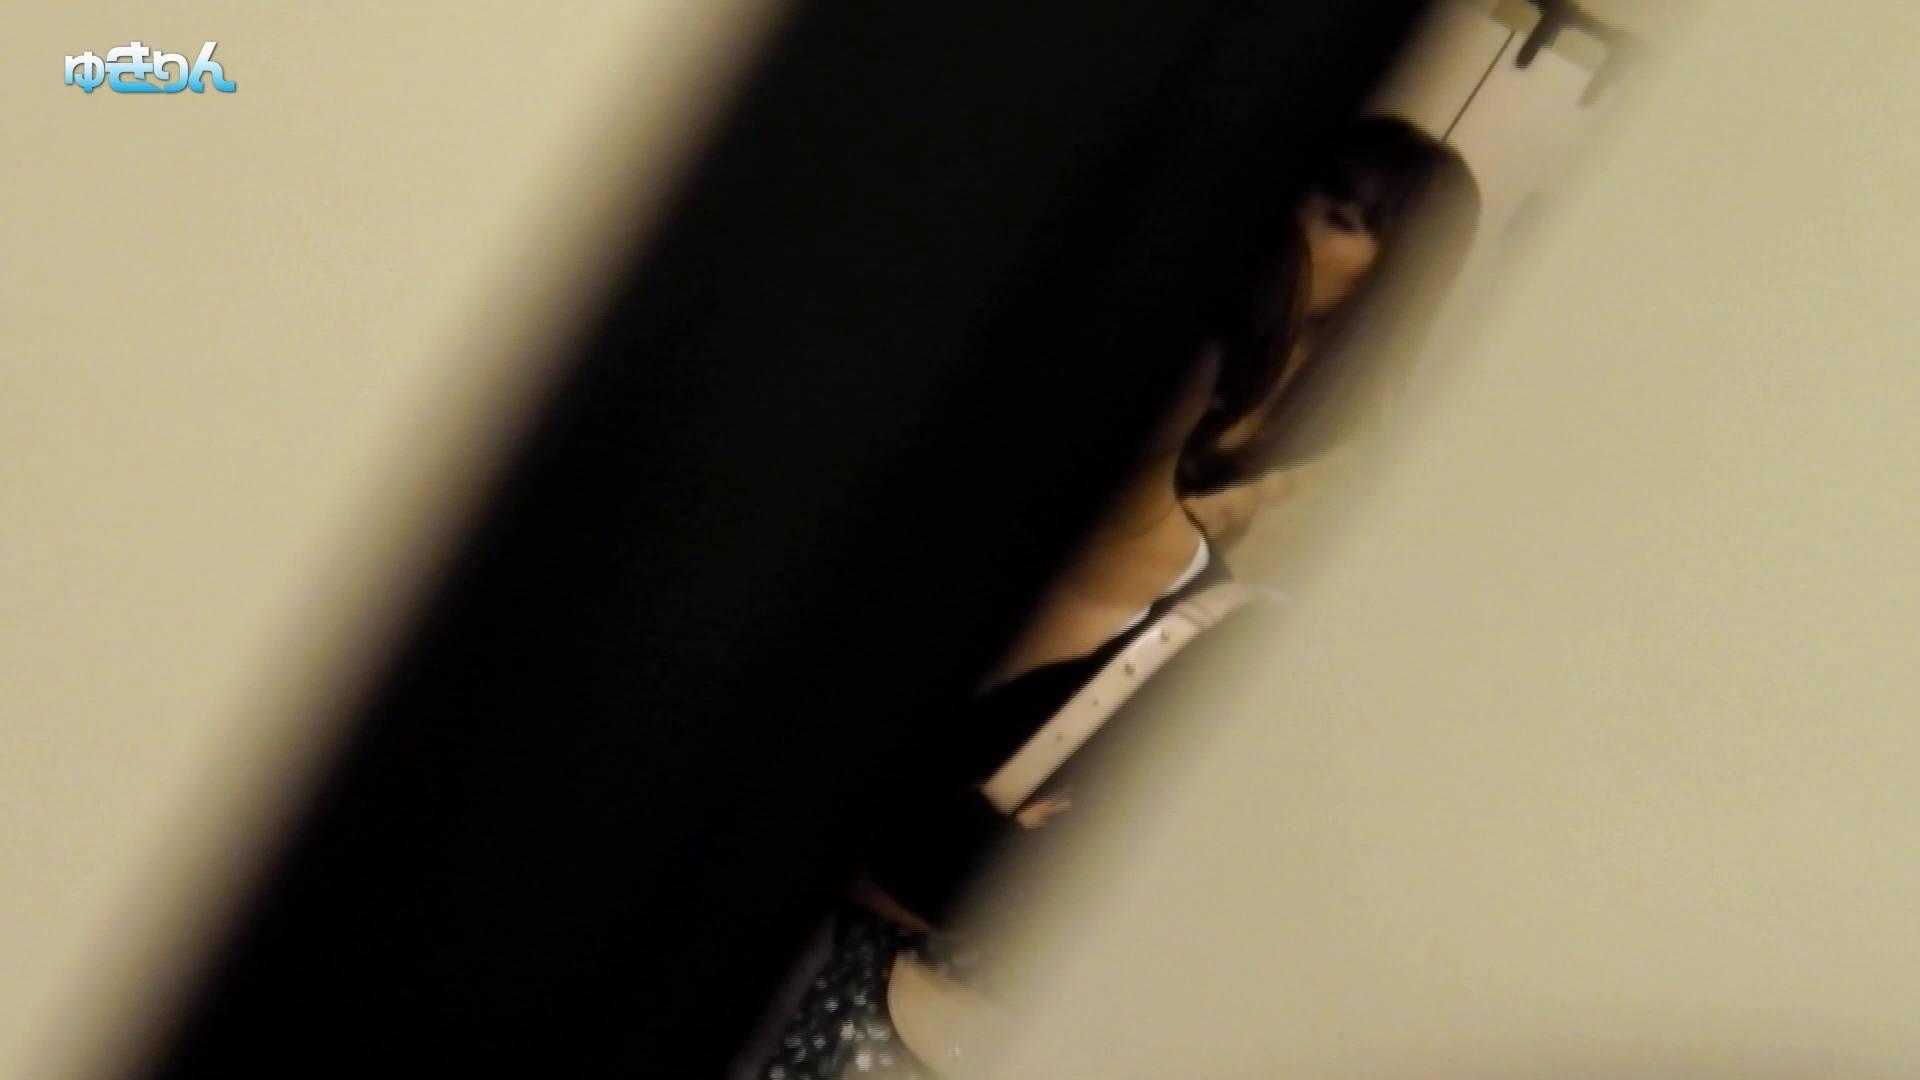 新世界の射窓 No82 新たな場所への挑戦、思わぬ、美女が隣に入ってくれた。 洗面所シーン | ギャルズ  98画像 71